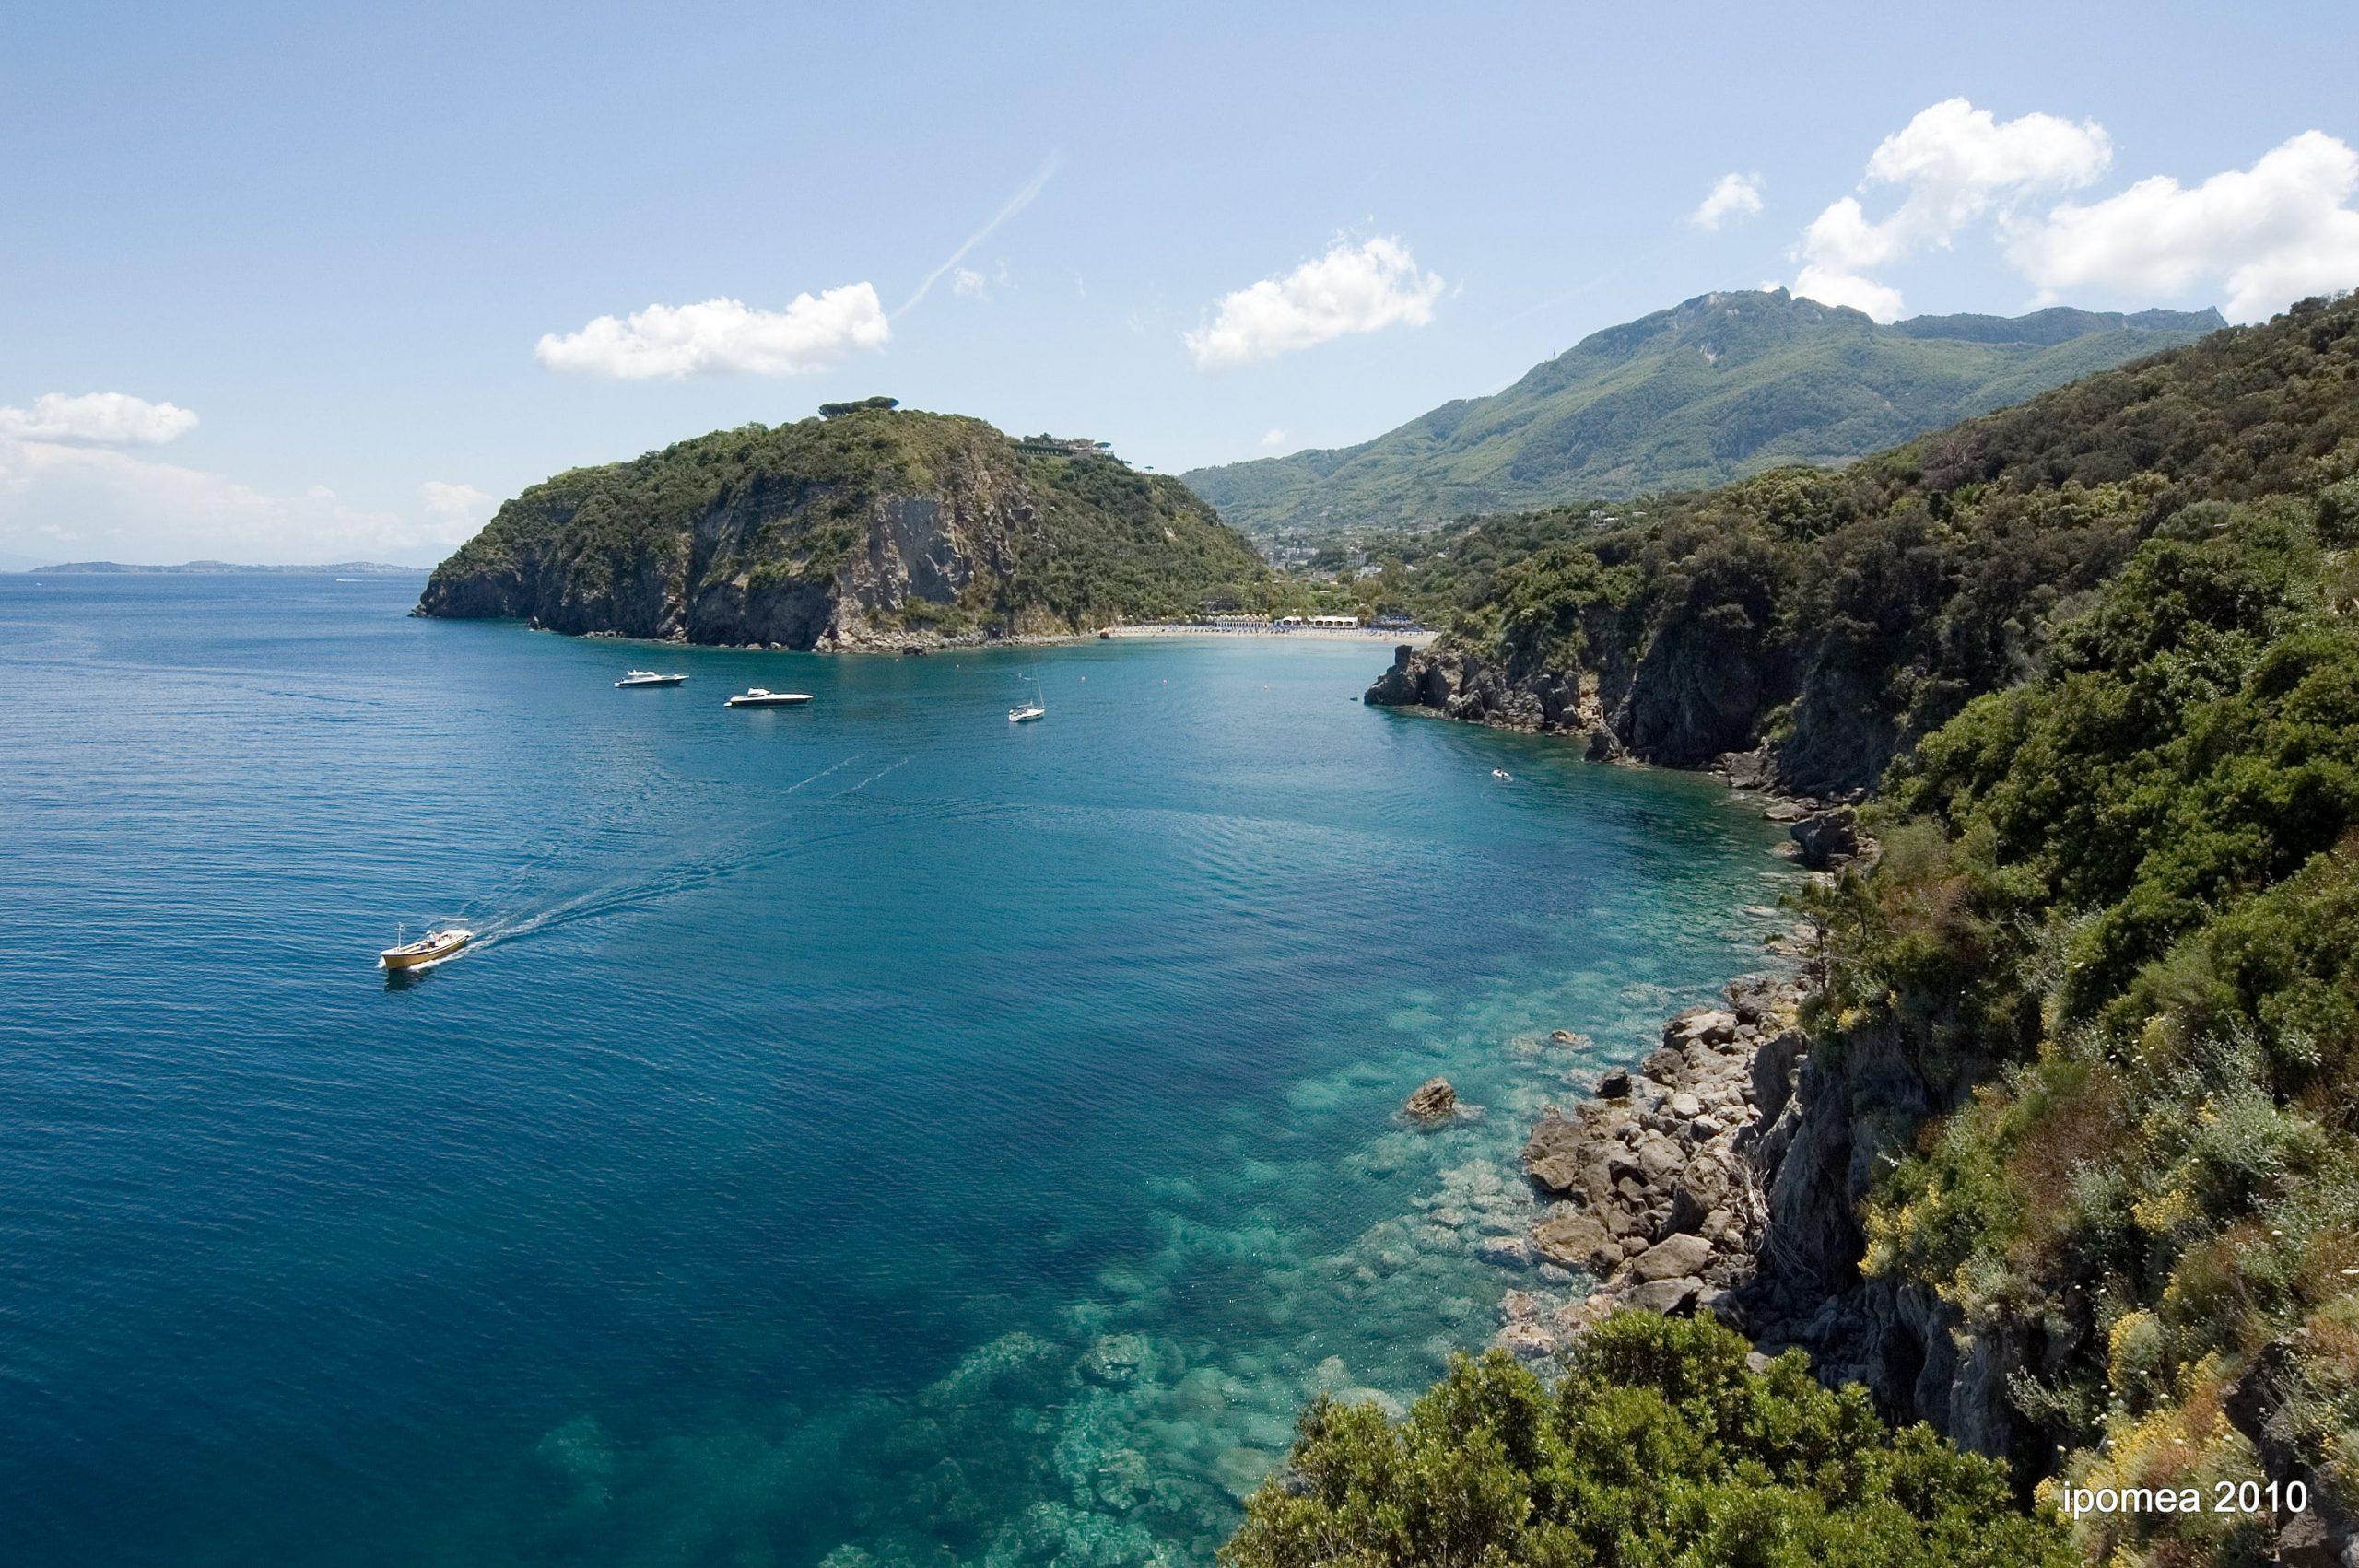 Baia Ischia